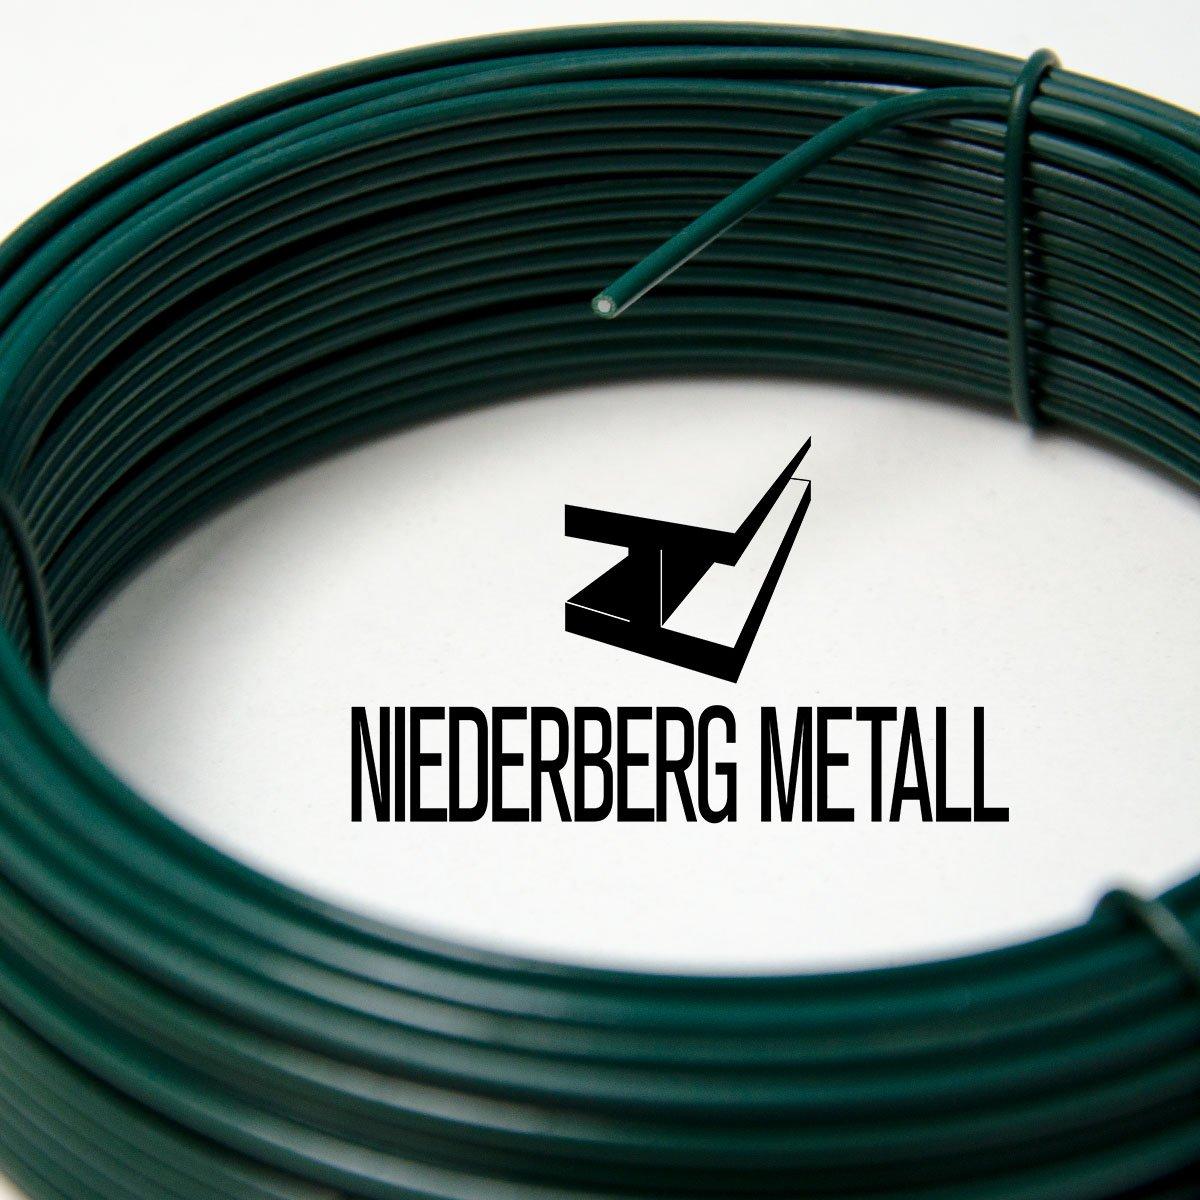 Verde Di/ámetro /Ø2mm NIEDERBERG METALL rollo de Alambre recubierto de PVC 25 m de largo metal protegido por una envoltura de pl/ástico verde